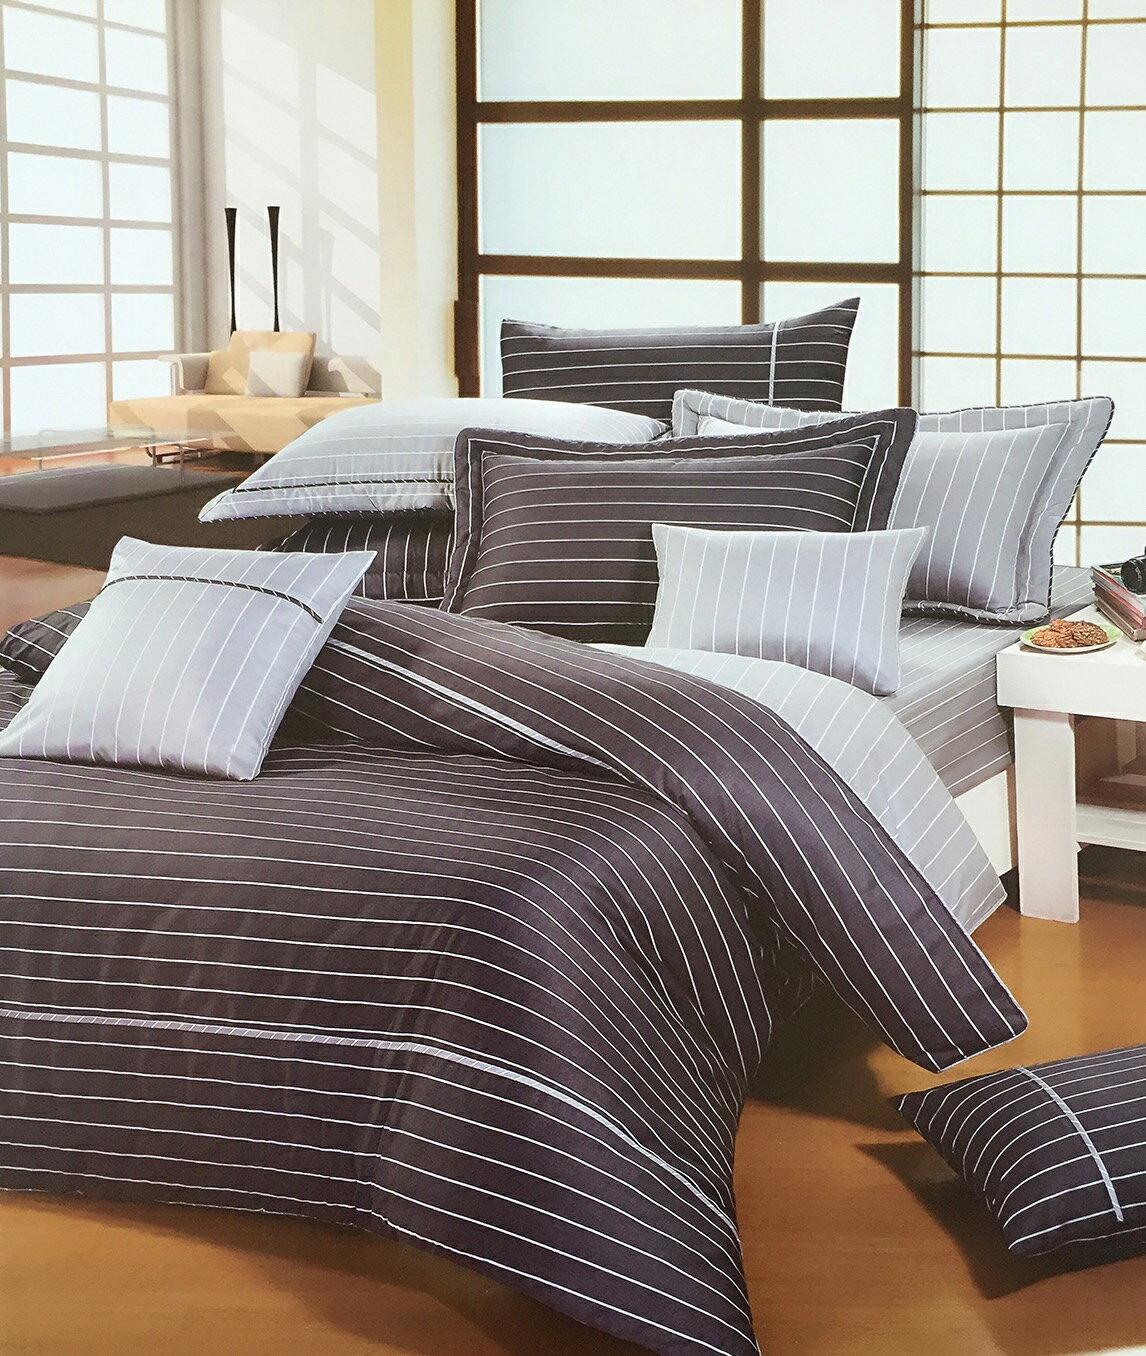 米粒爸爸@黑色線條純棉雙人床罩六件組 台灣製